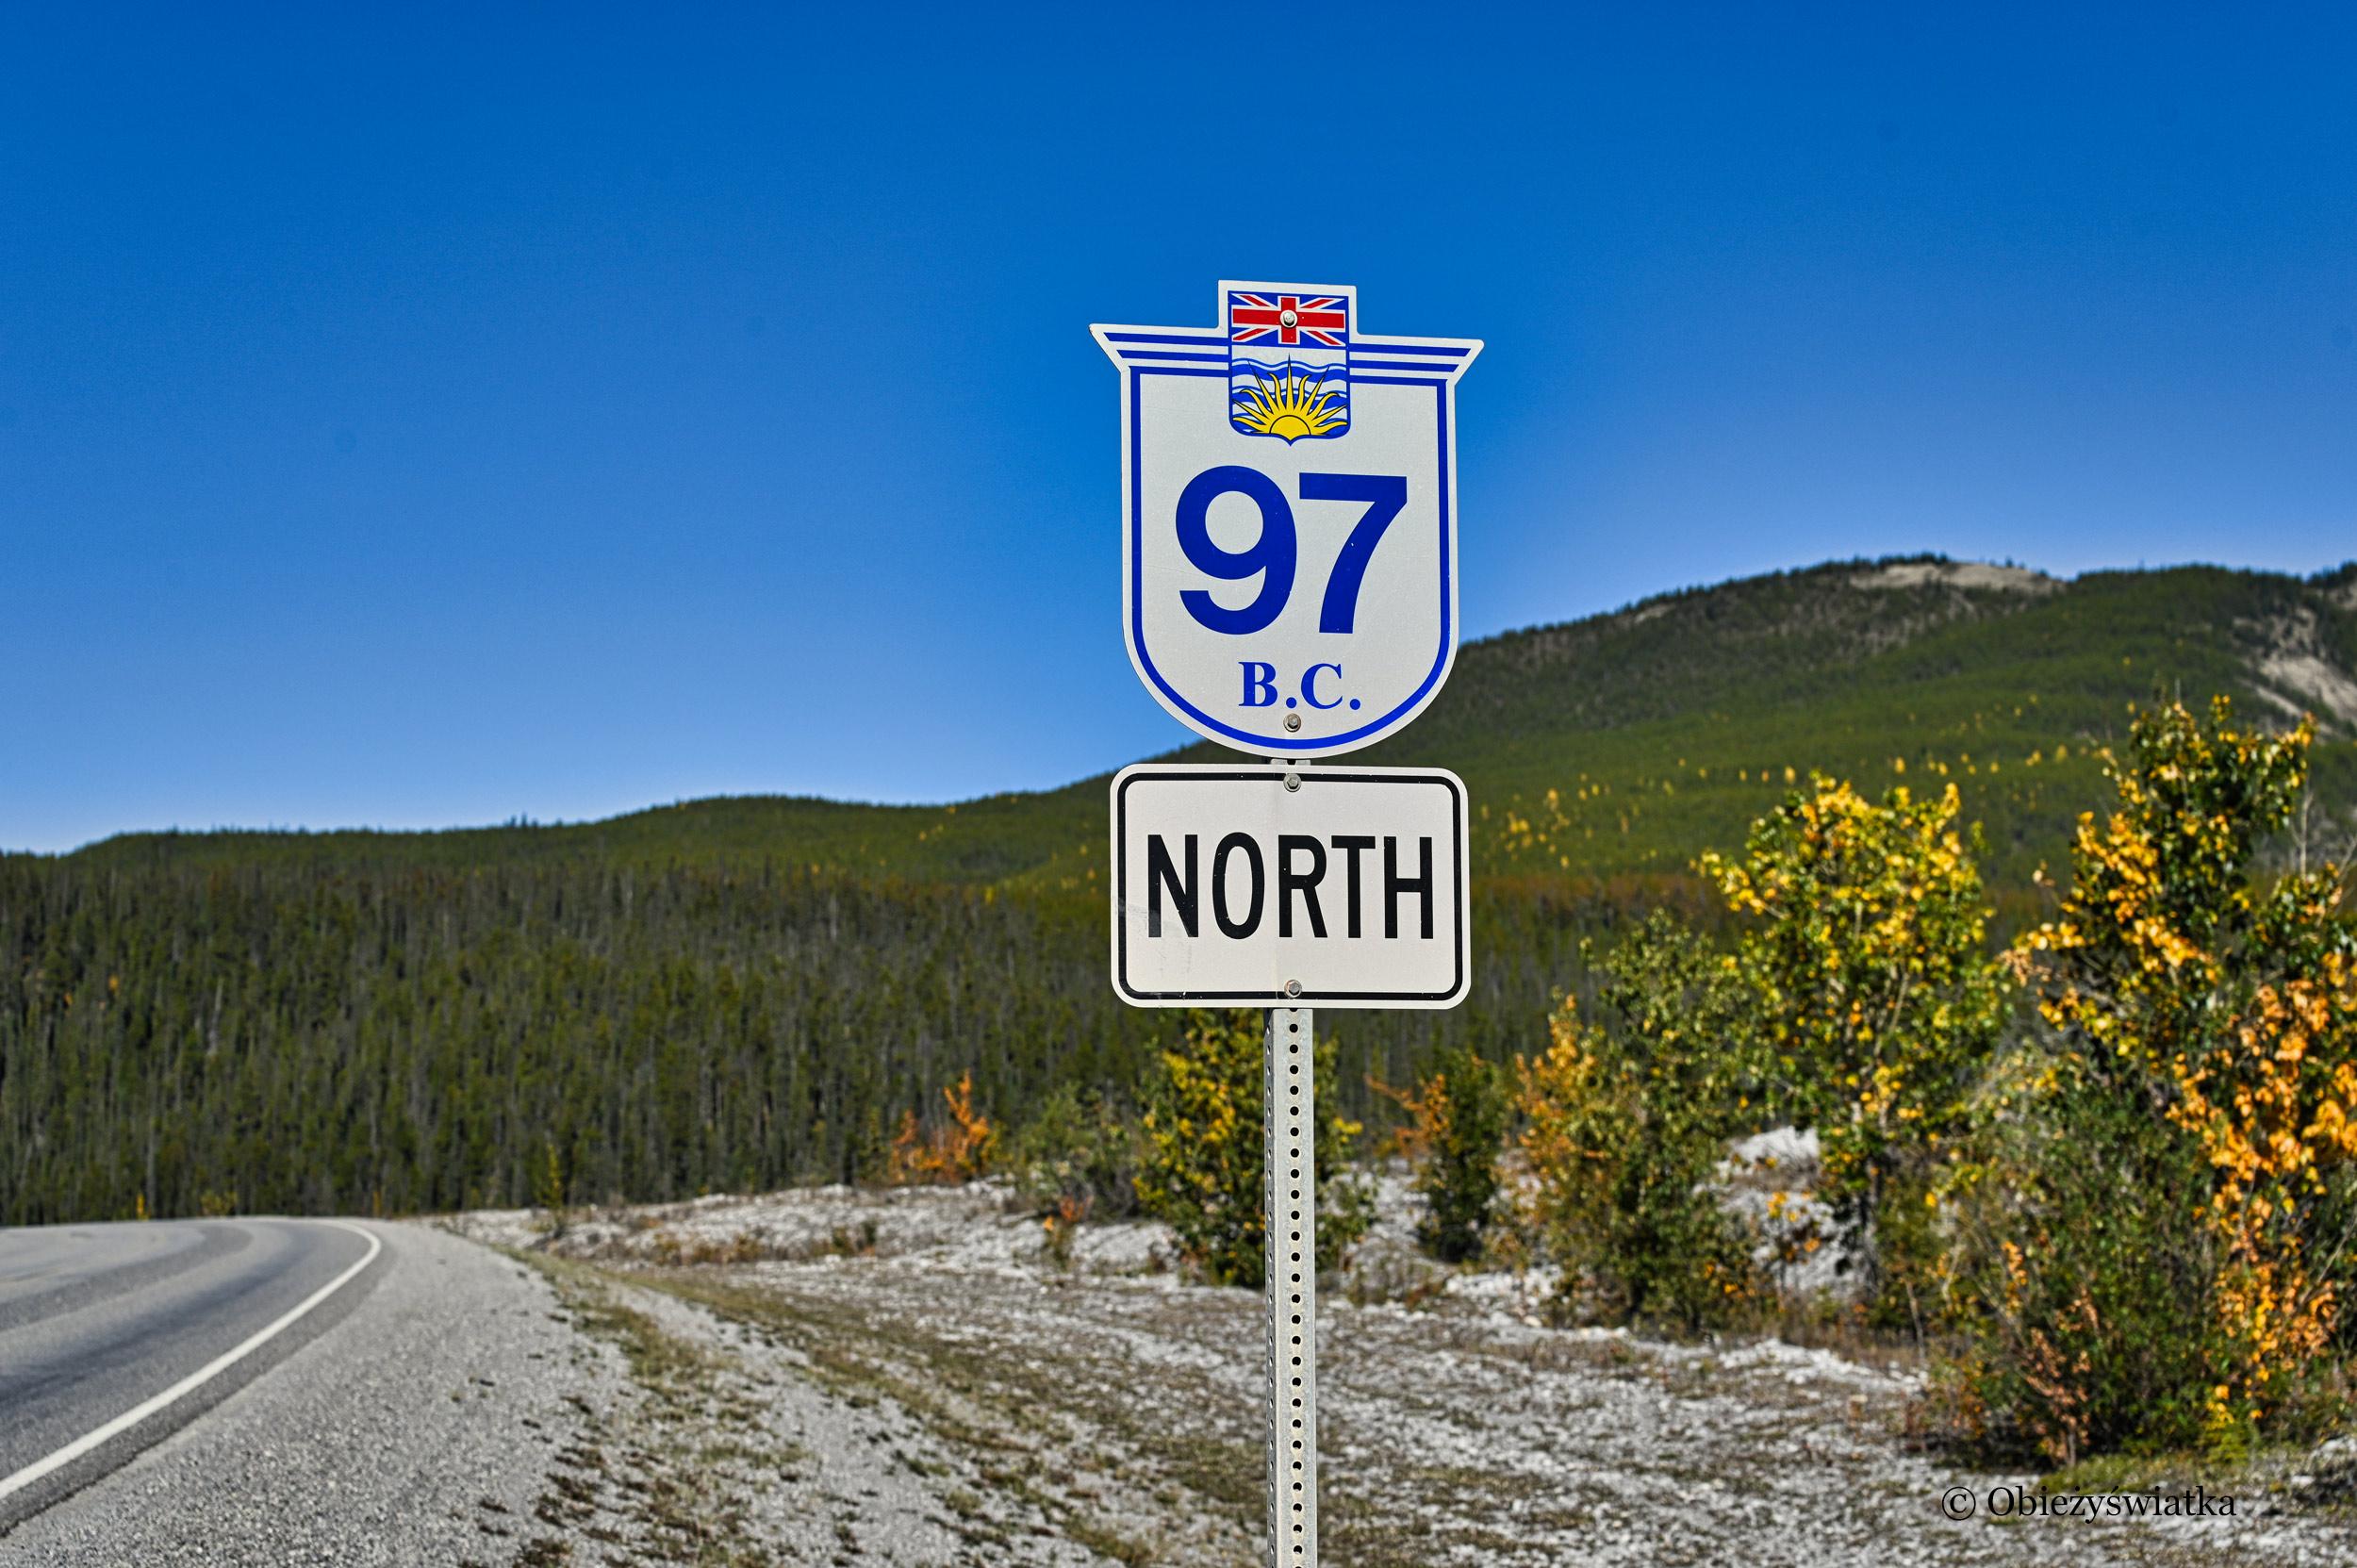 Droga nr 97 w Kolumbii Brytyjskiej, czyli Alaska Highway